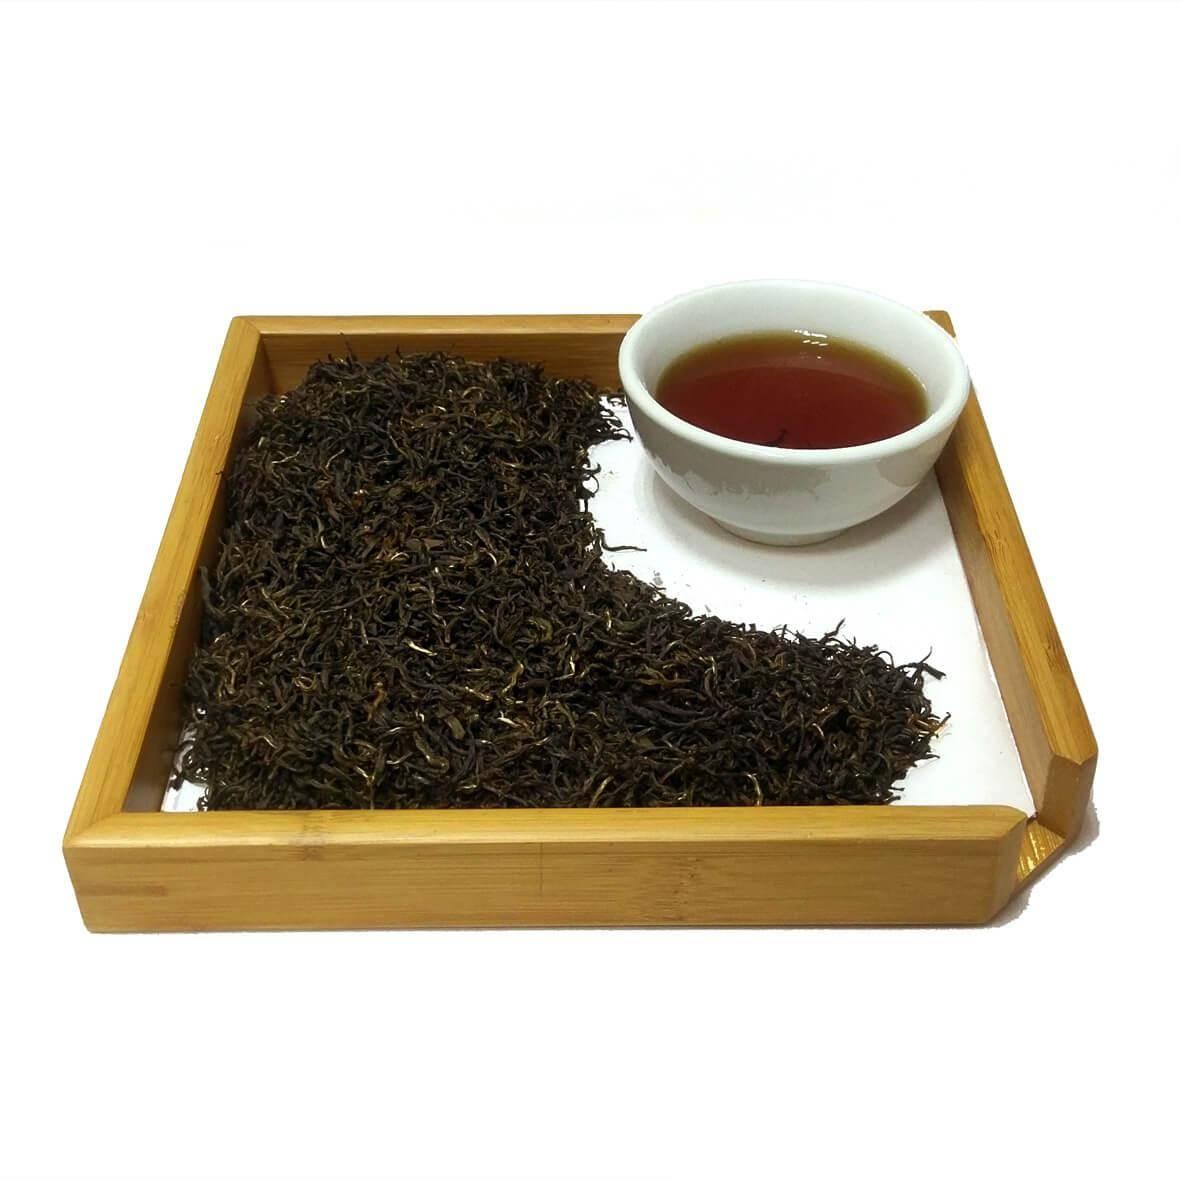 Черный чай самый популярный в мире, чем полезен и почему так востребован